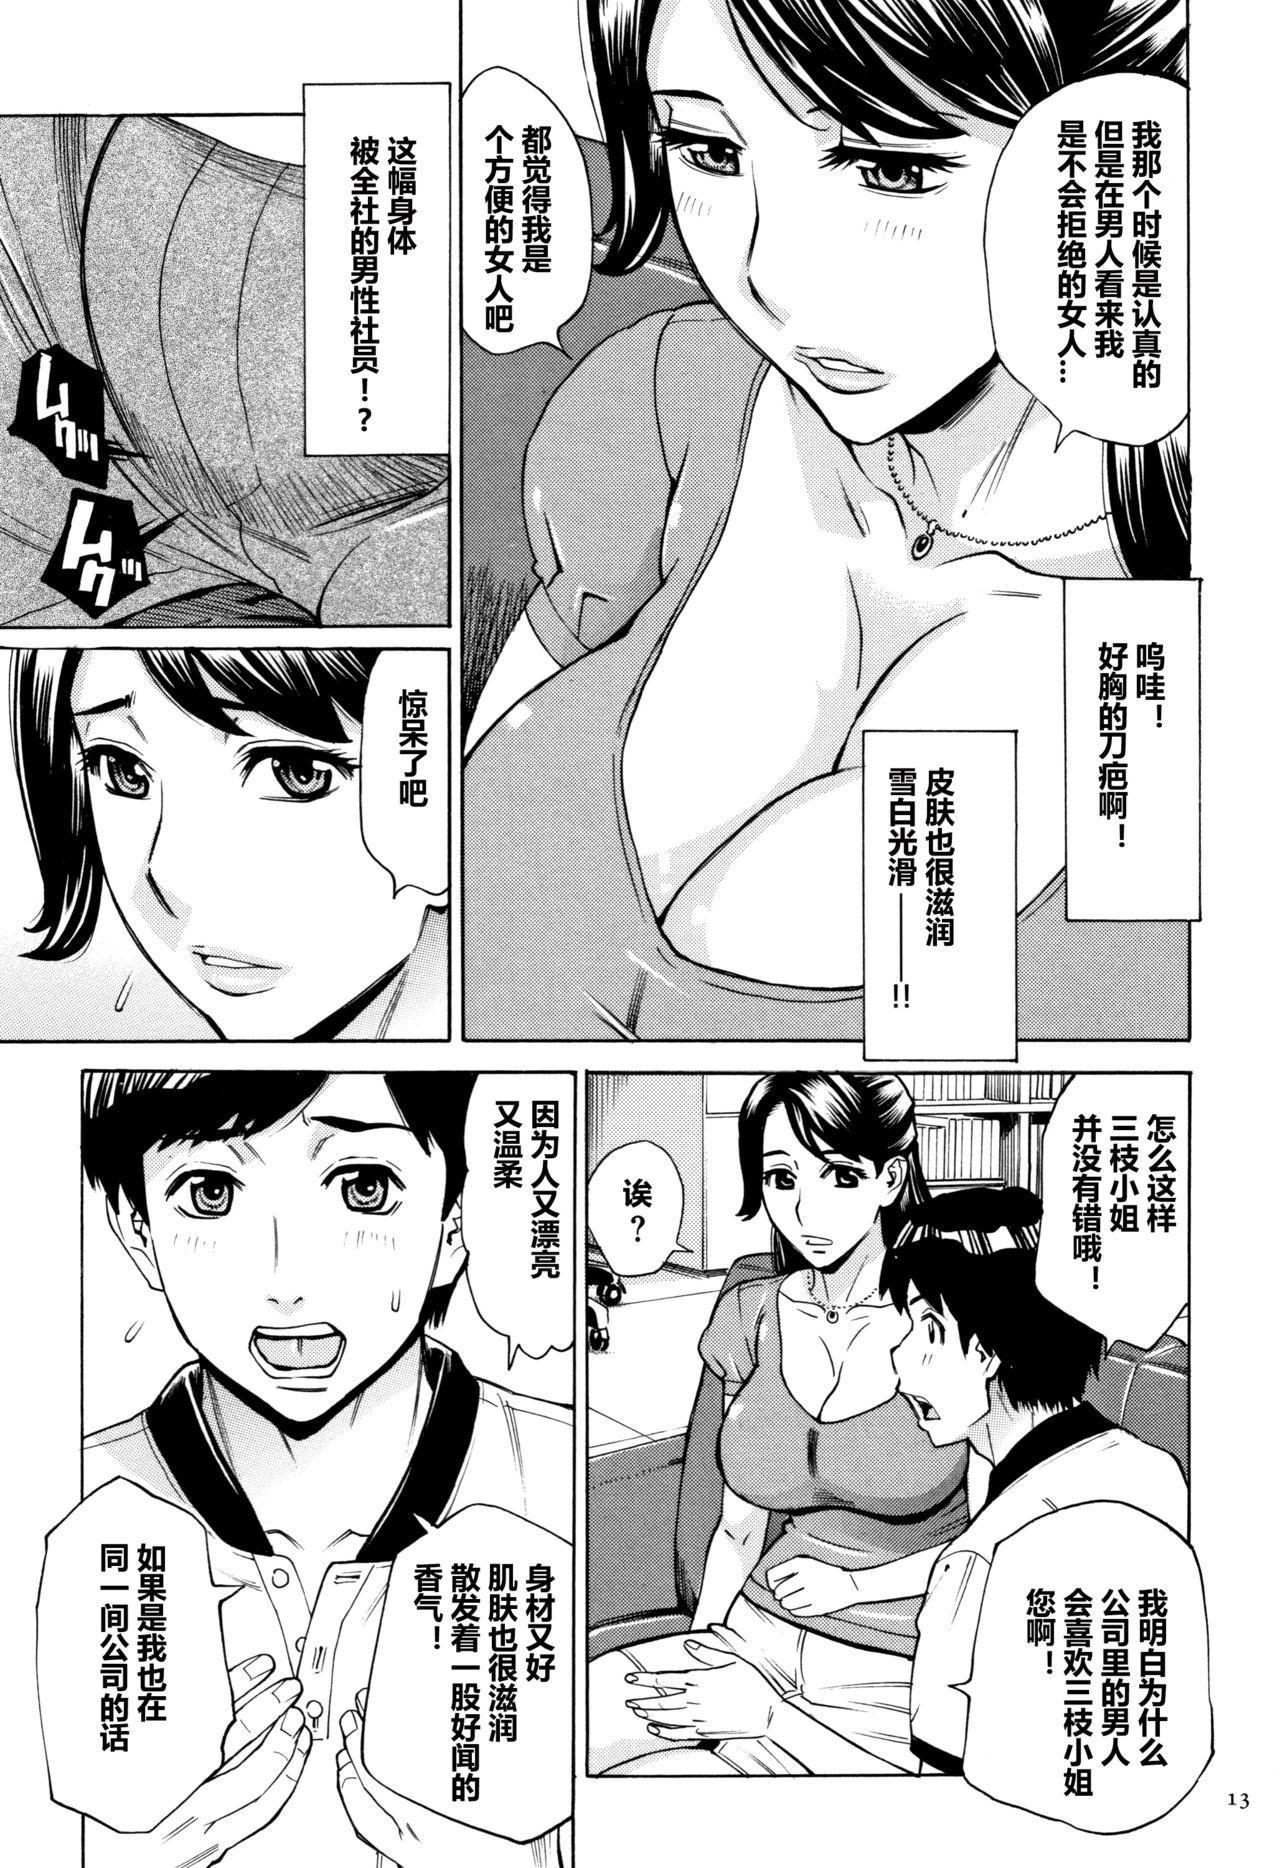 Oba-san dakedo, Daite Hoshii. 13